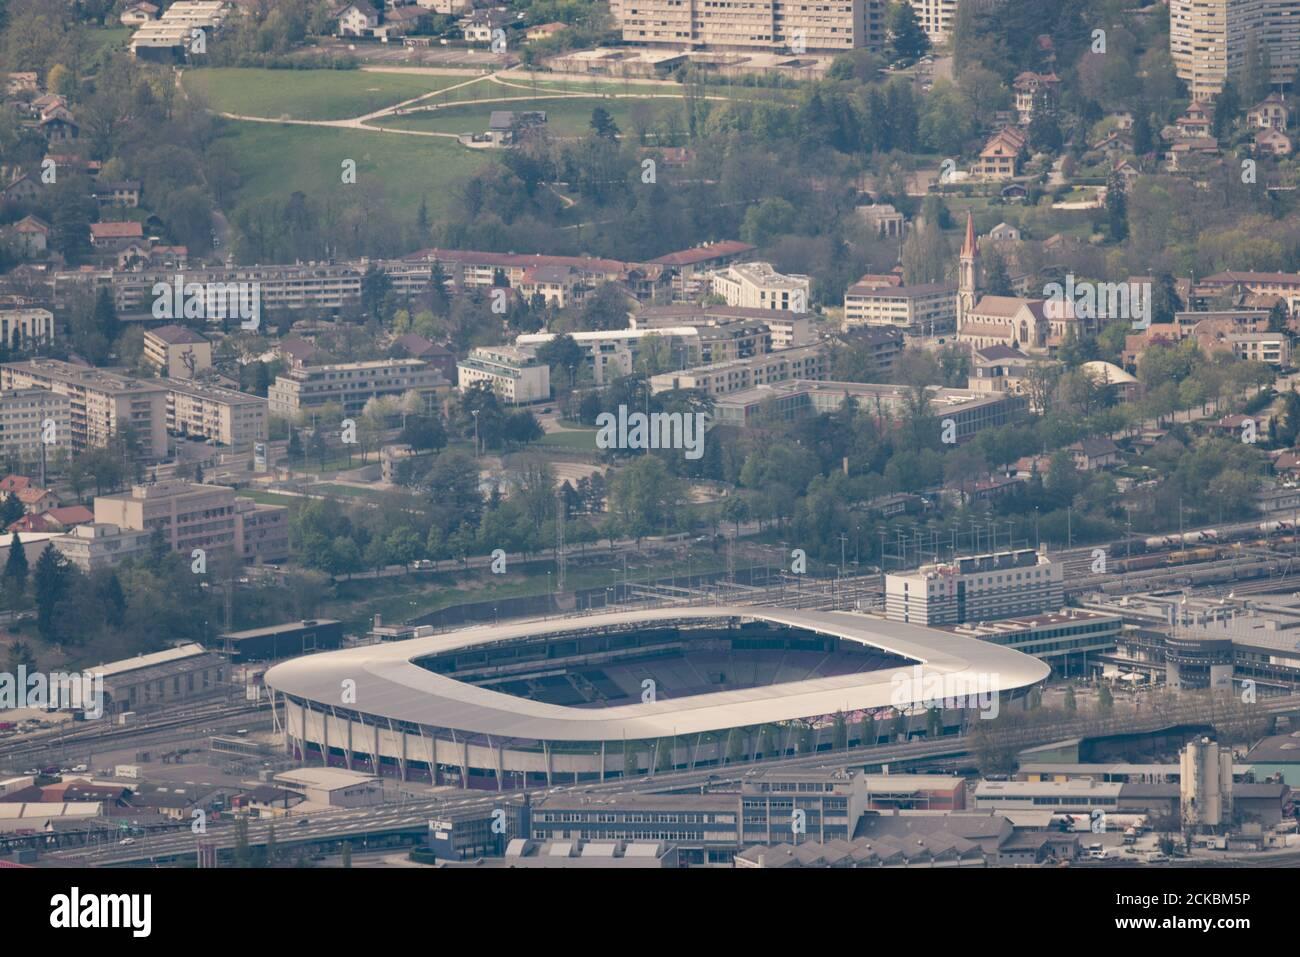 Luftaufnahme des Genfer Stadions (Schweiz) und seiner Umgebung aufgenommen Mit einem extrem-Teleobjektiv (600 mm) Stockfoto